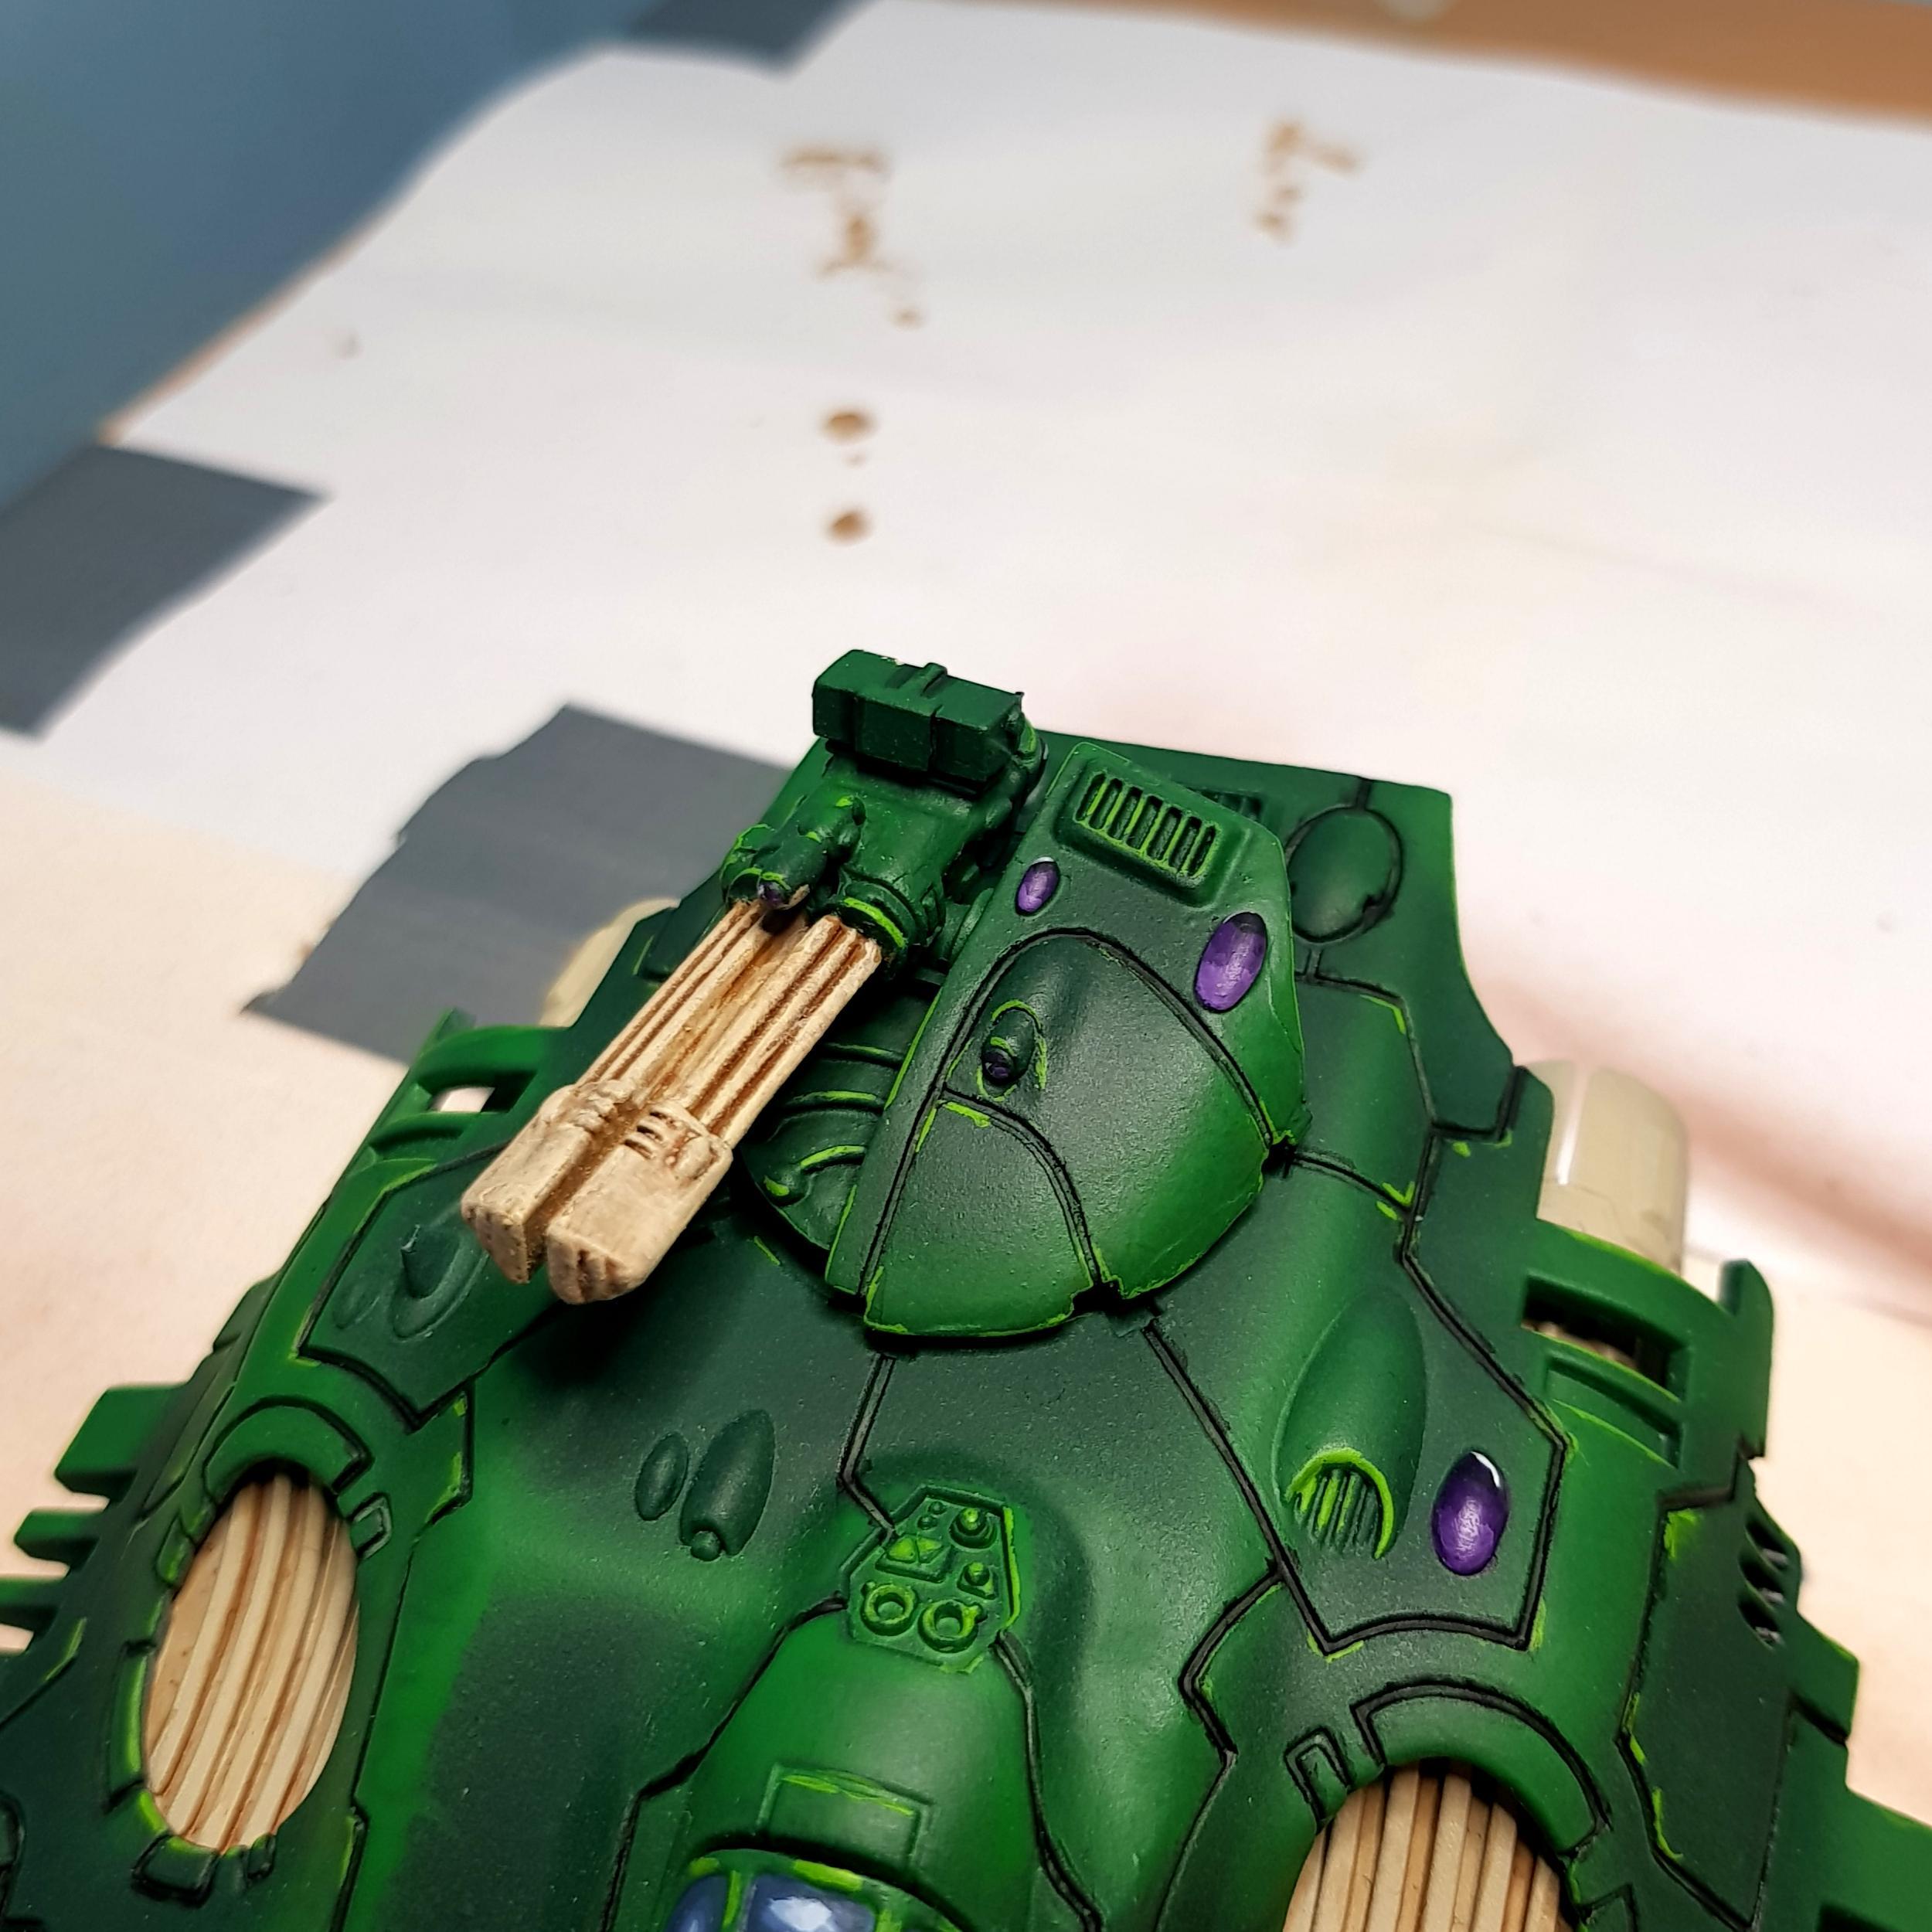 Scatter laser turret (done)